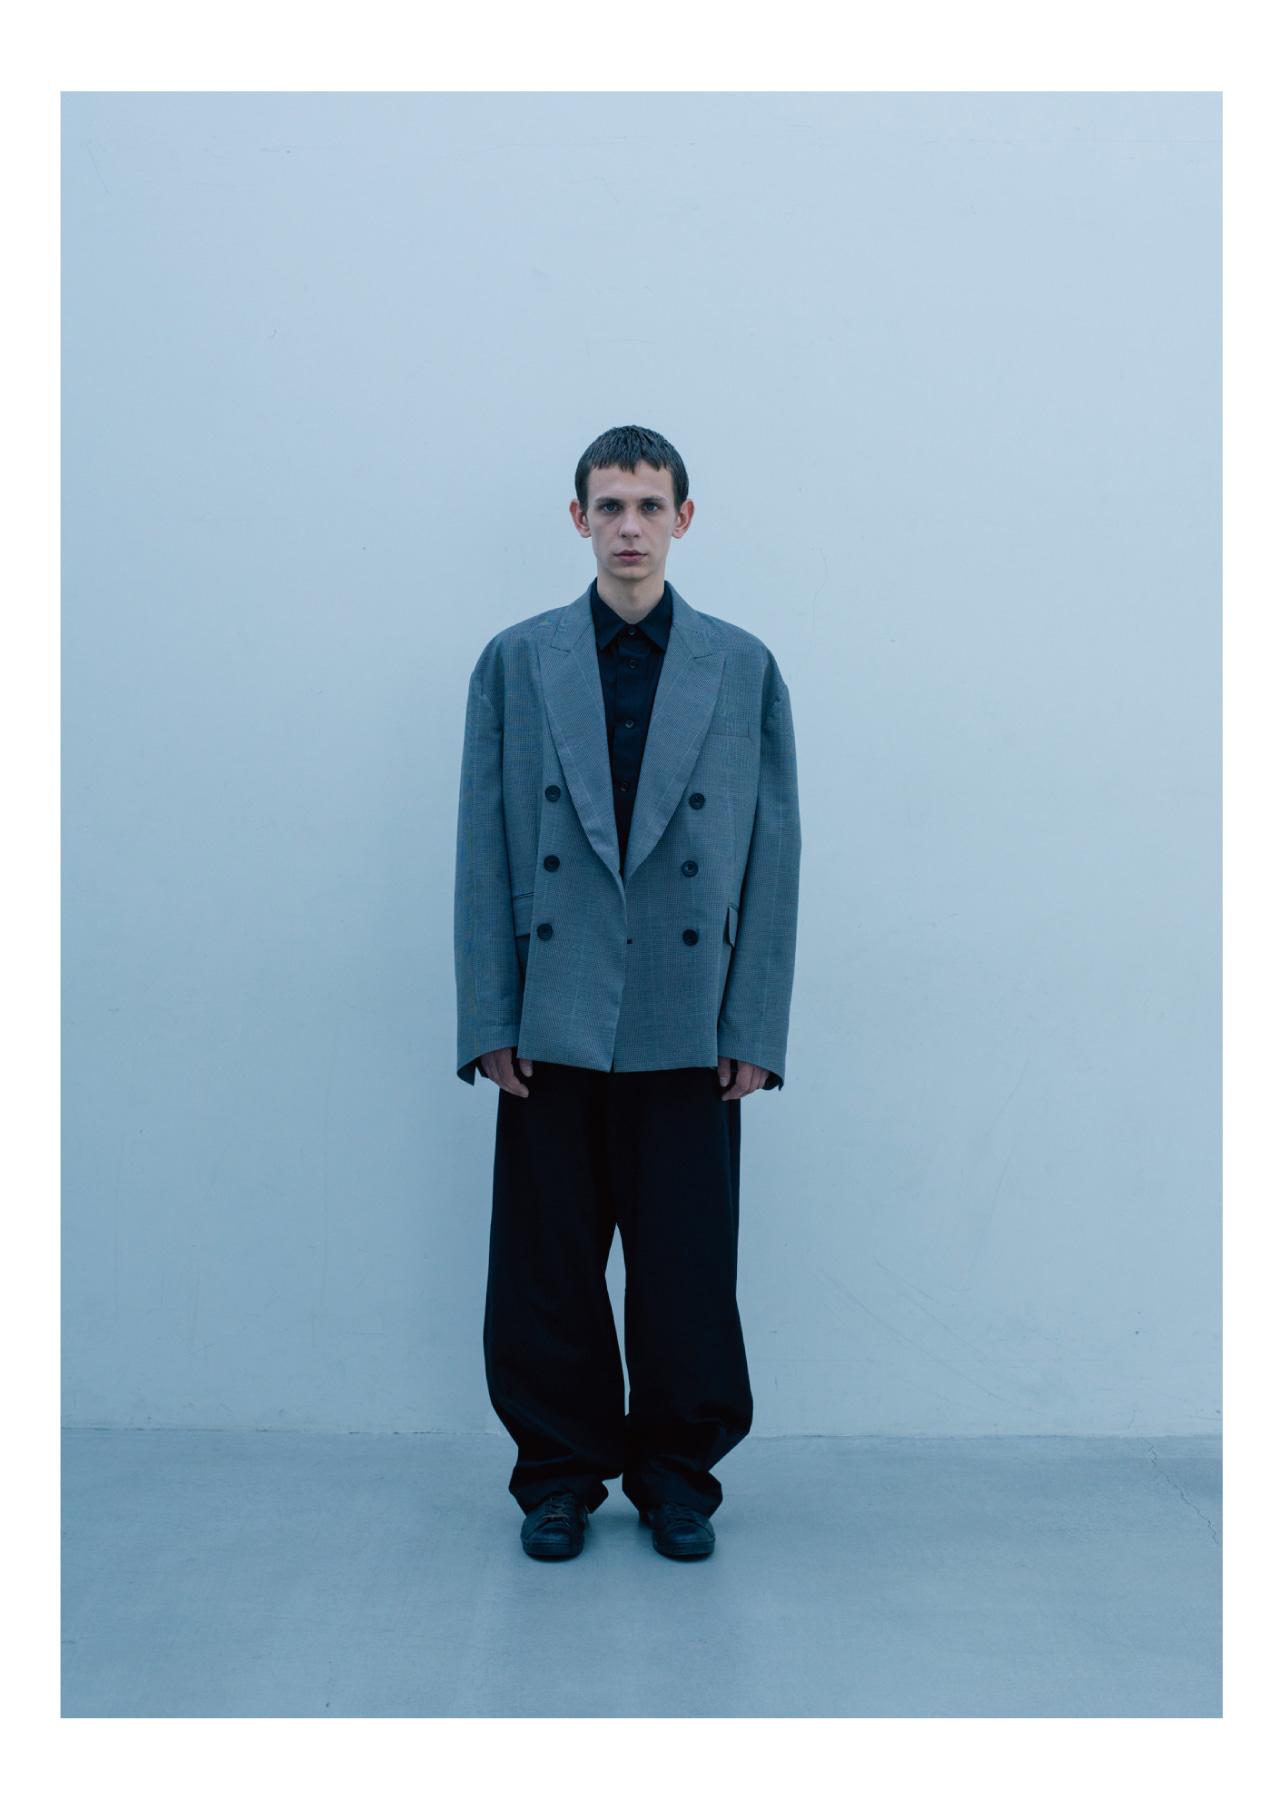 십화점, 패션, 라이프 스타일, 갤러리 컨탠츠 플랫폼